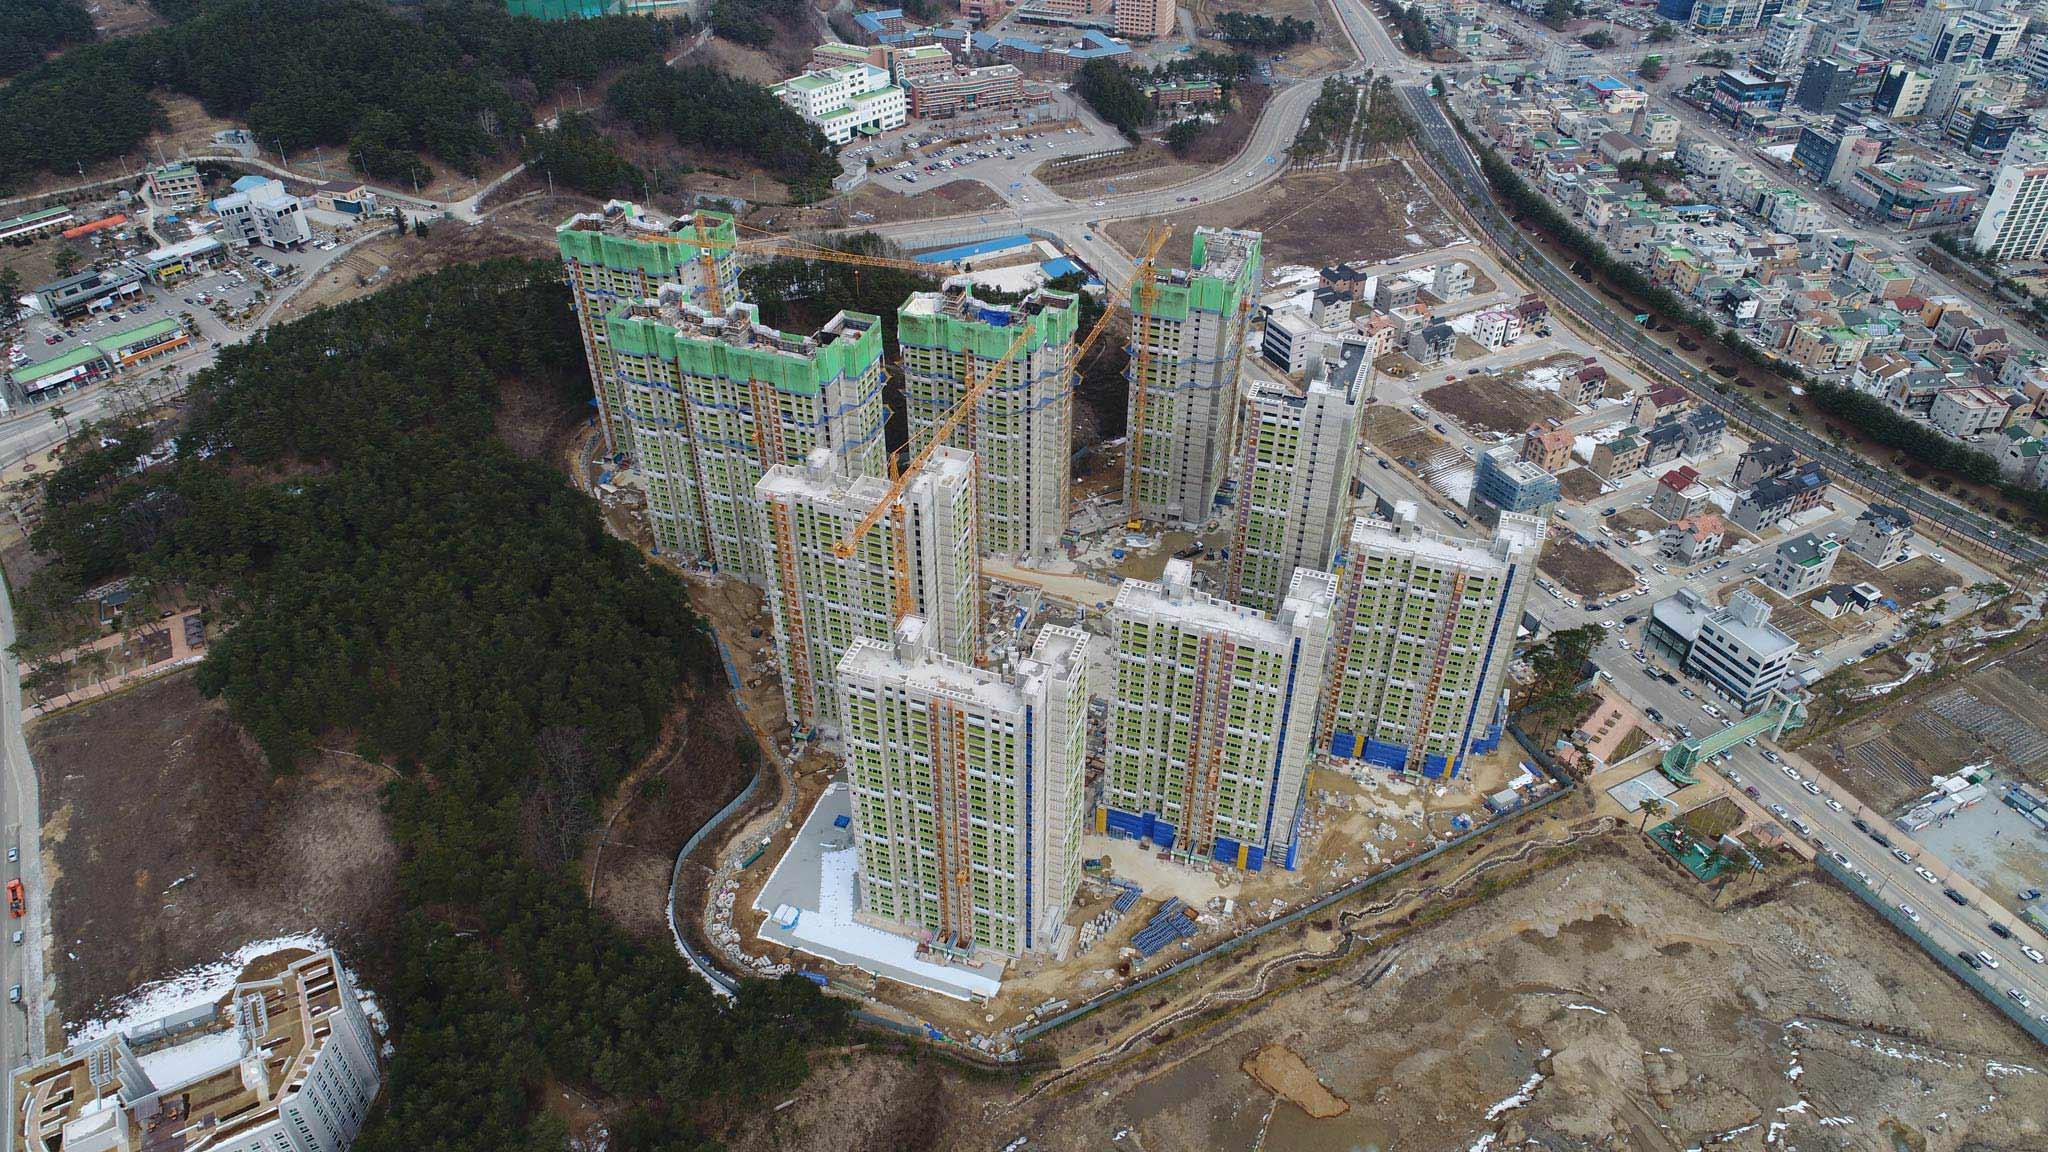 Das Olympische Dorf aus der Vogelperspektive - Foto: olympic.org/photos/pyeongchang-2018/venues